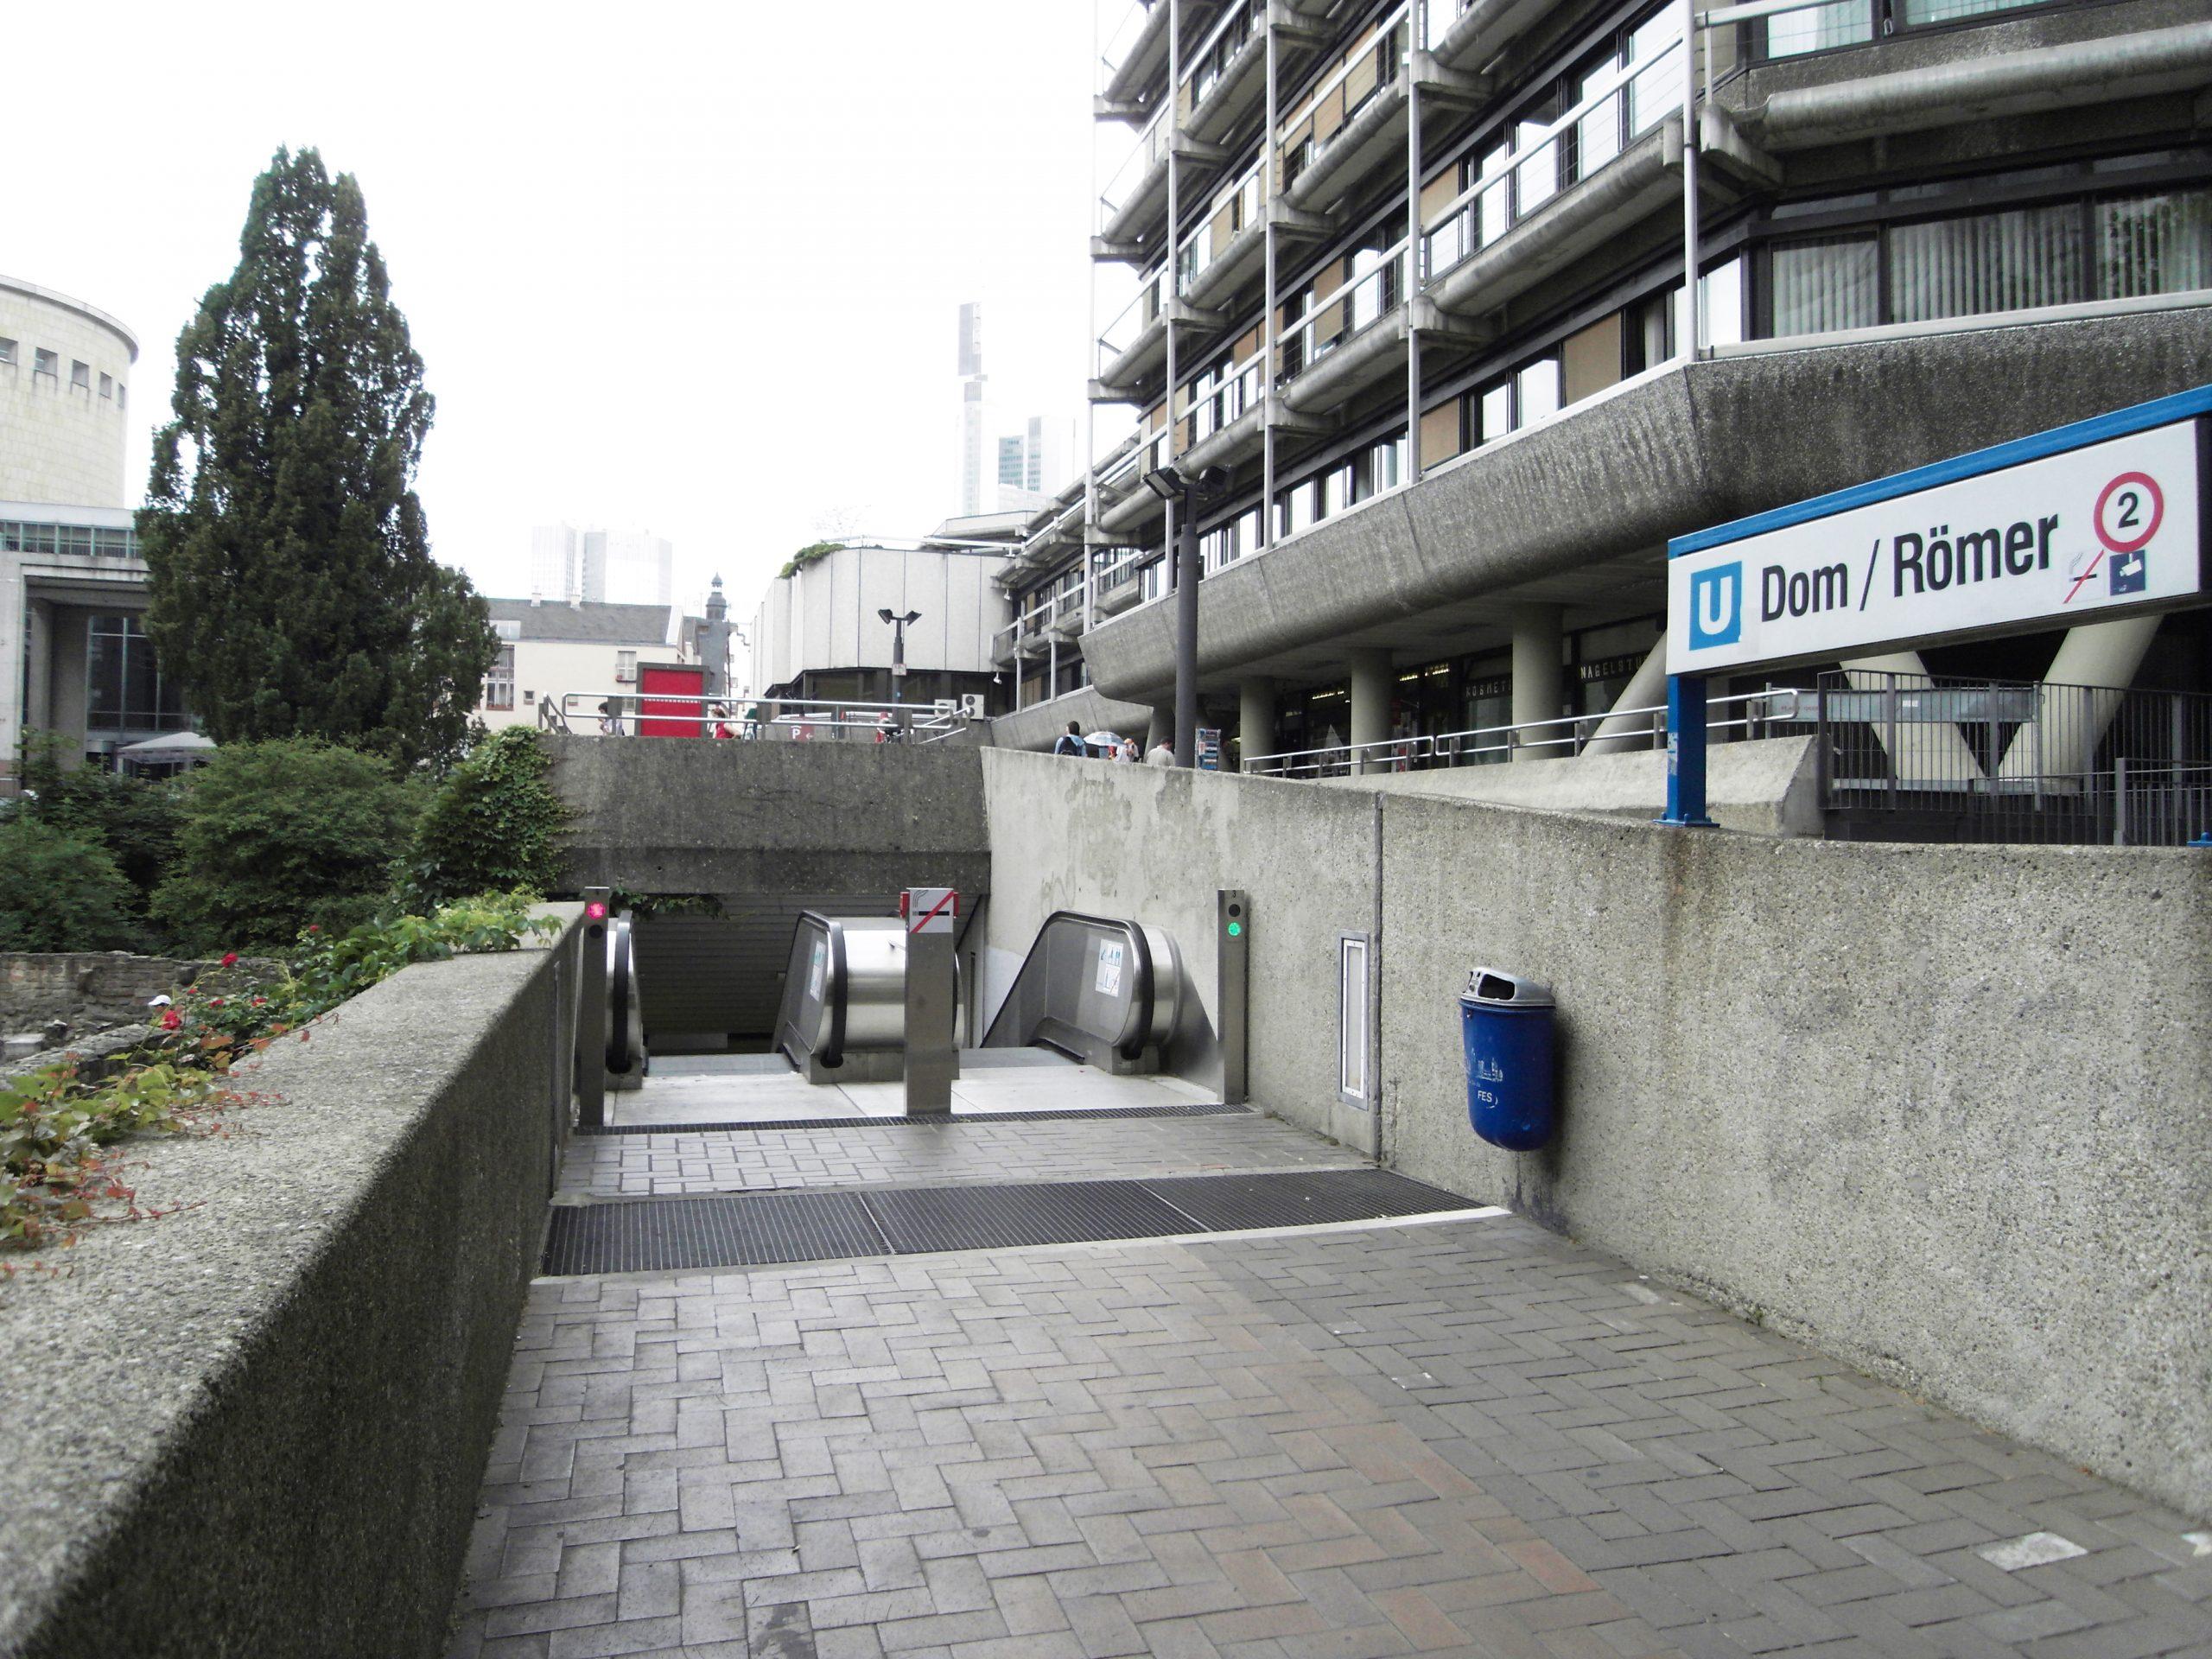 U-Bahnstation Römer, Frankfurt